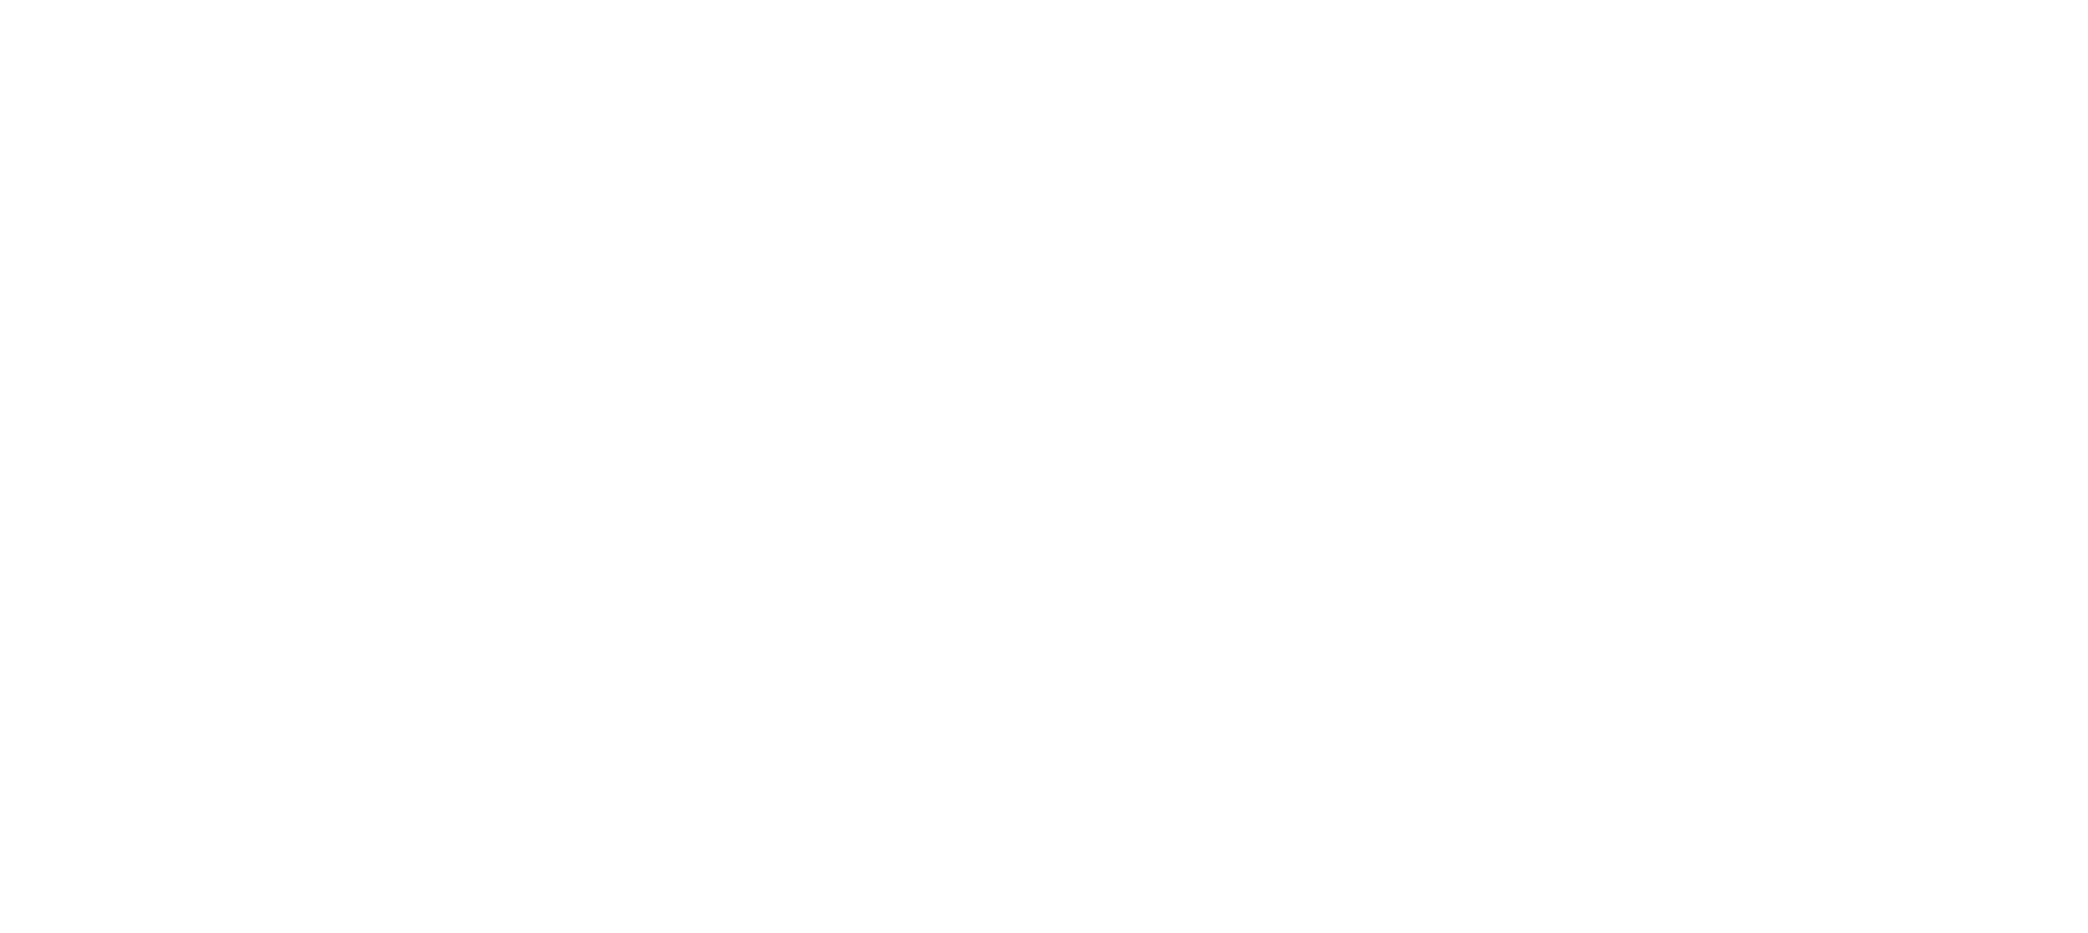 Portfolio_Logos_Cargill-White.png